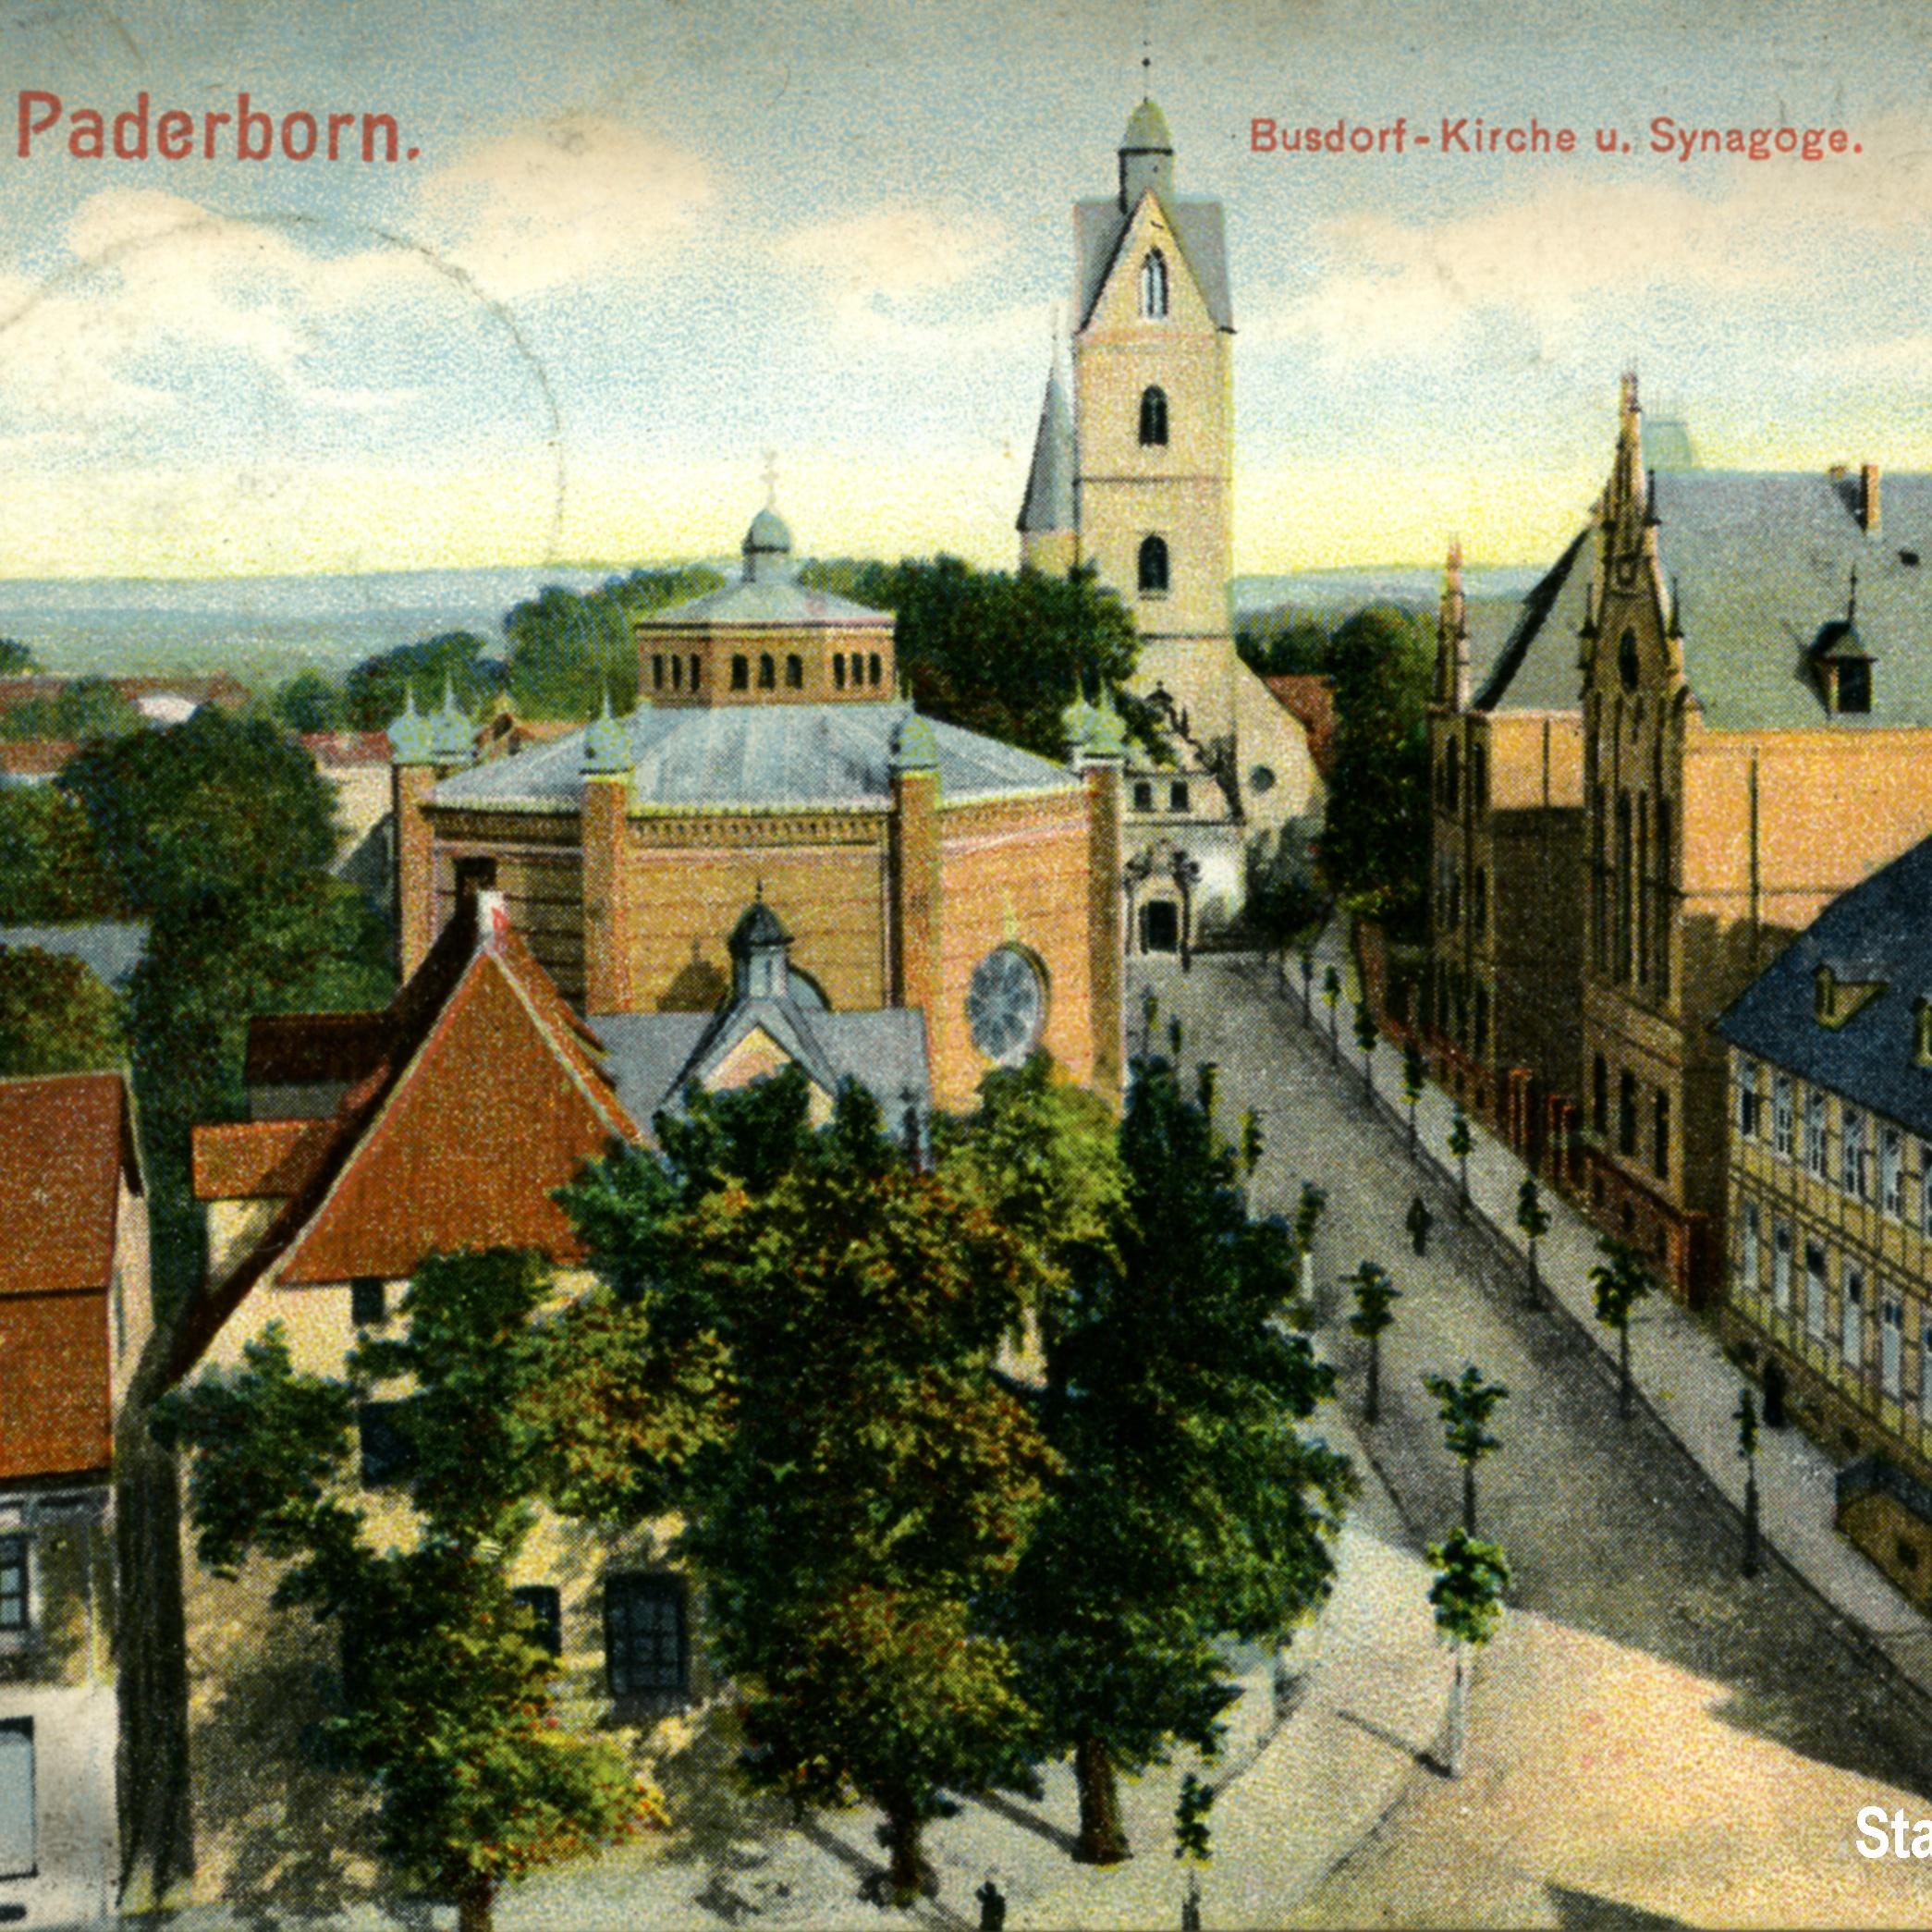 80 Jahre Pogromnacht Gedenkwoche ist in Planung